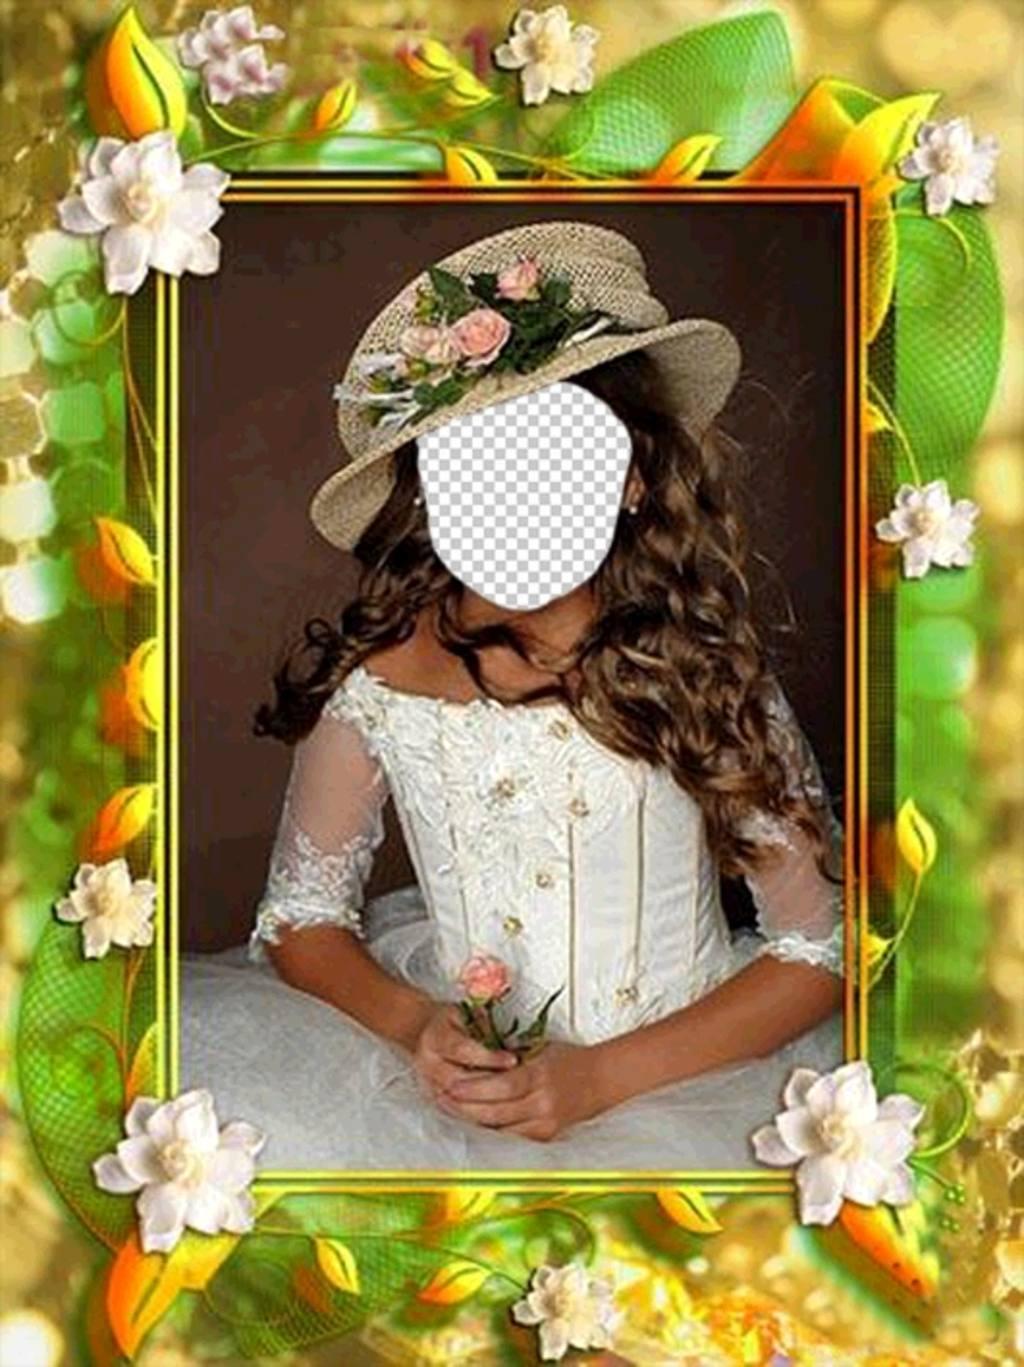 cadre photo originale de mettre votre photo dans une fille avec une robe photoeffets. Black Bedroom Furniture Sets. Home Design Ideas